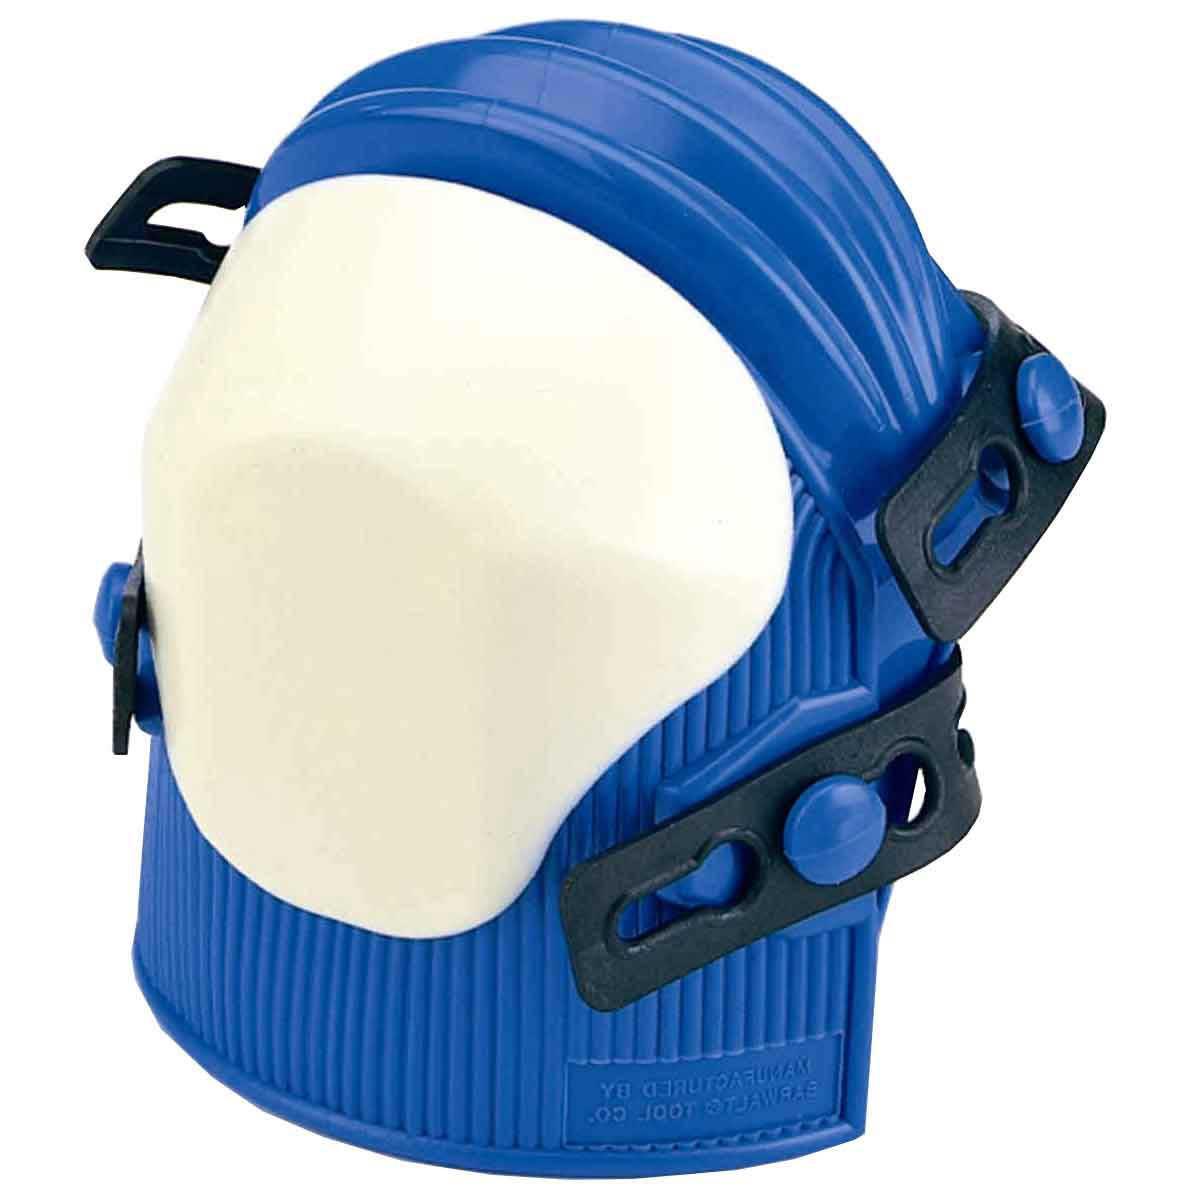 Barwalt KN-3 Knee Pad top